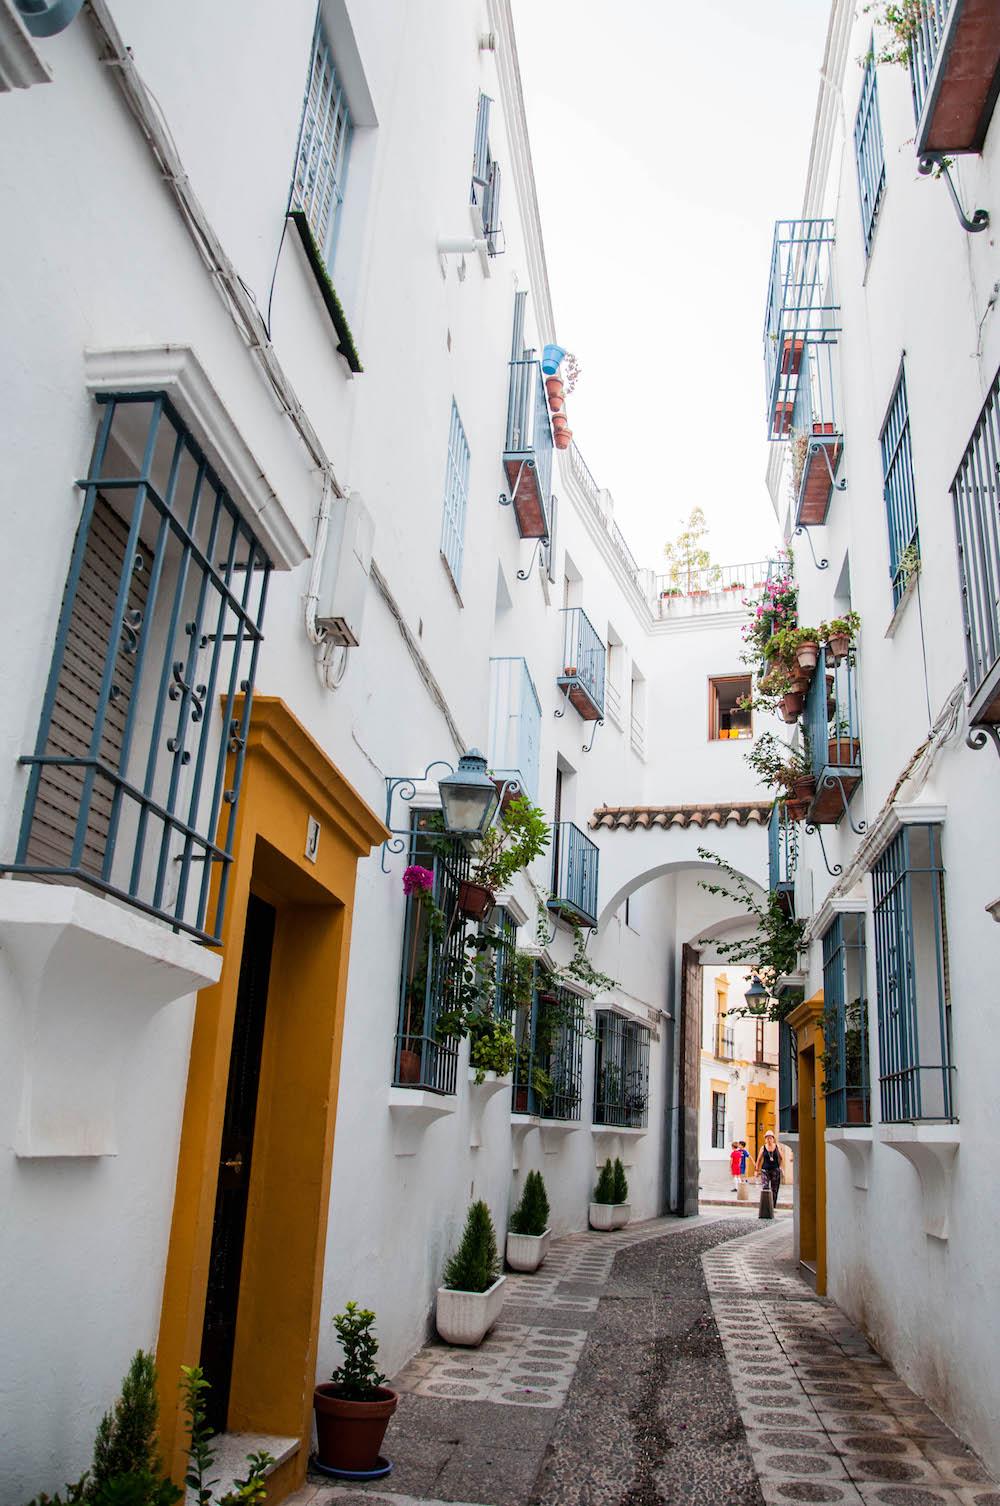 Interior de una de las calles cerradas del casco histórico de Córdoba